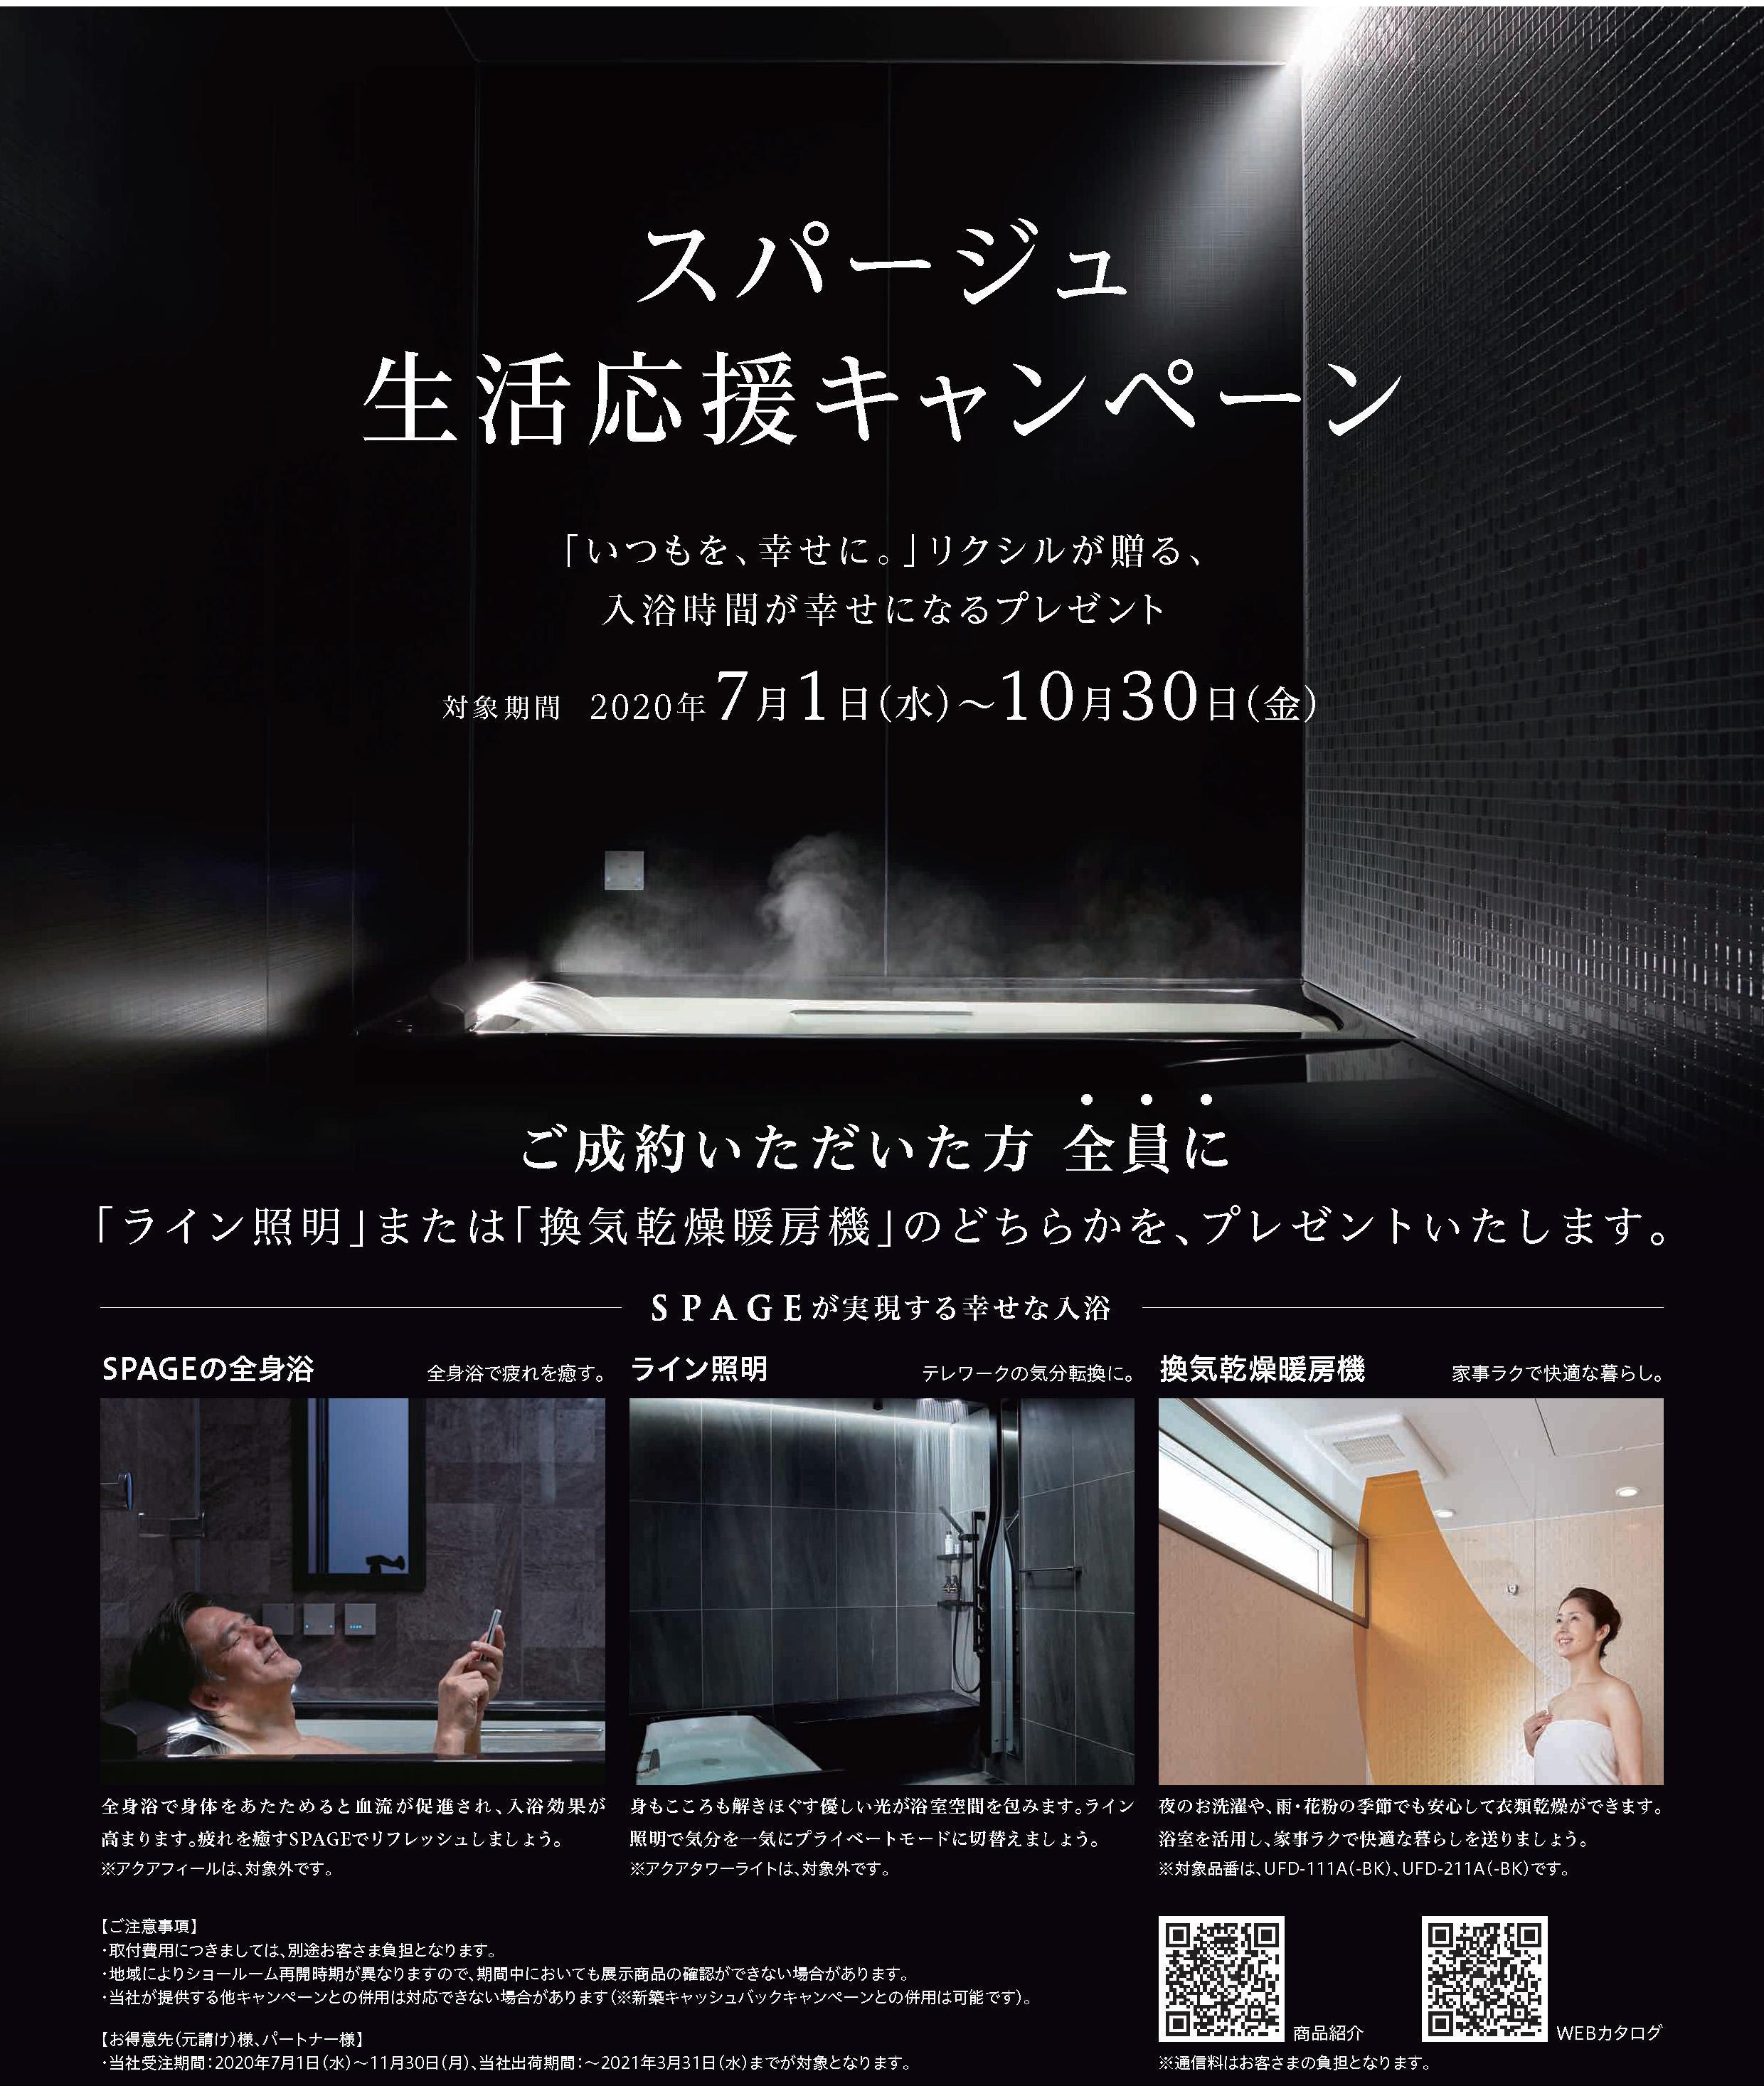 https://lixil-reformshop.jp/shop/SP00001001/photos/fd16ff948967341bd0eae1d7b0e5412550d26600.jpg